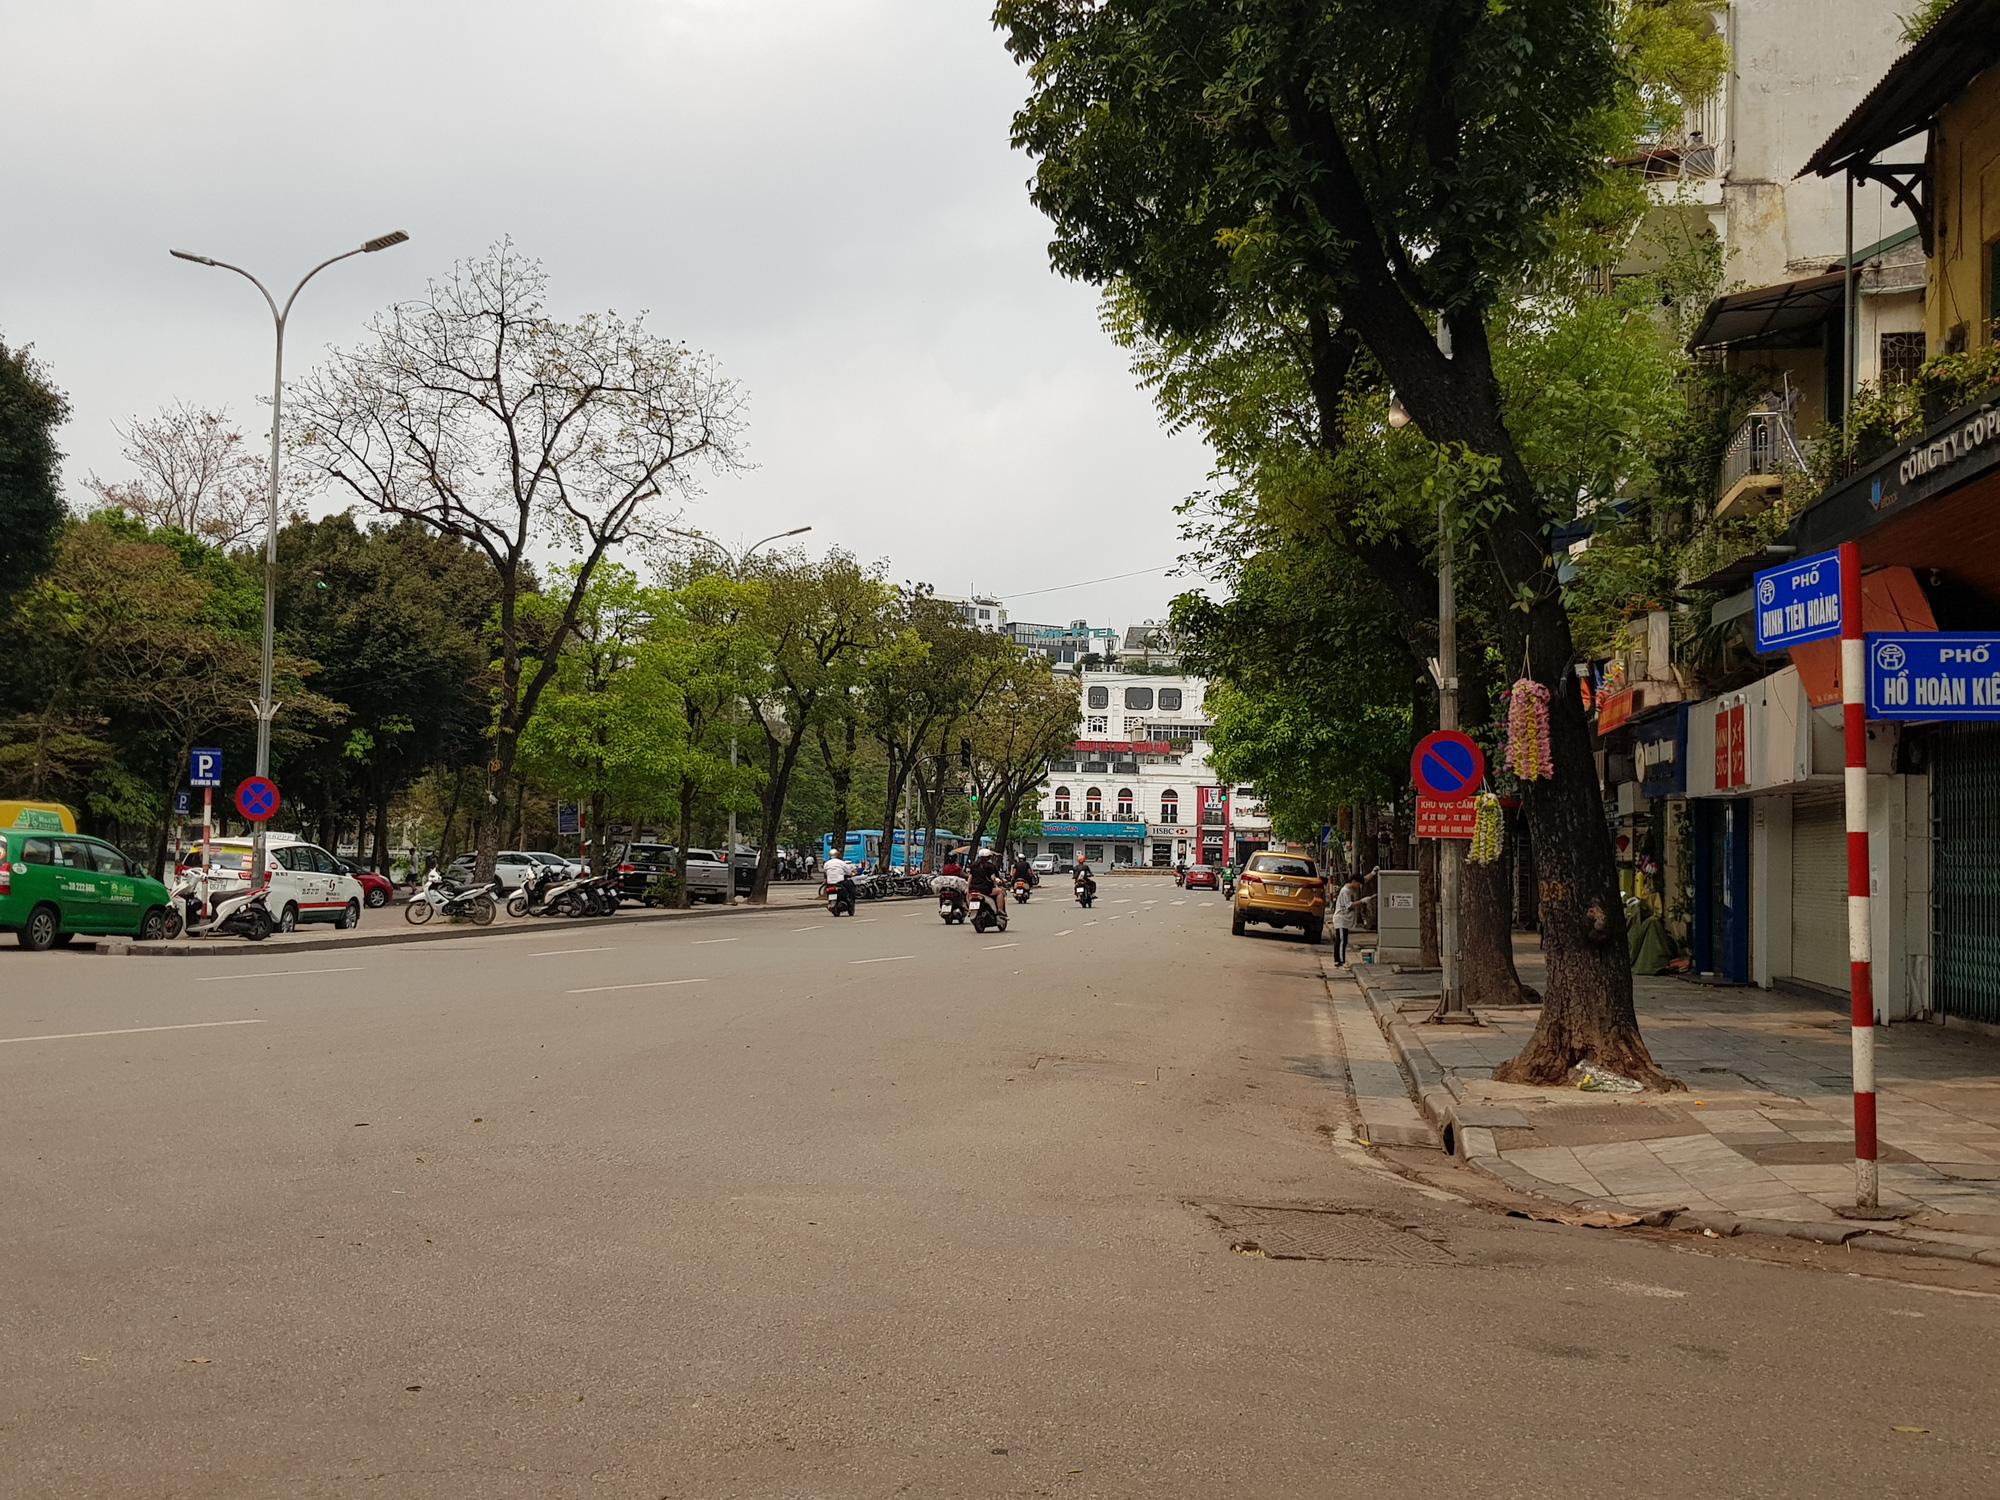 Sau lệnh tạm thời đóng cửa, nhiều đường phố Hà Nội thông thoáng như ngày Tết - Ảnh 2.